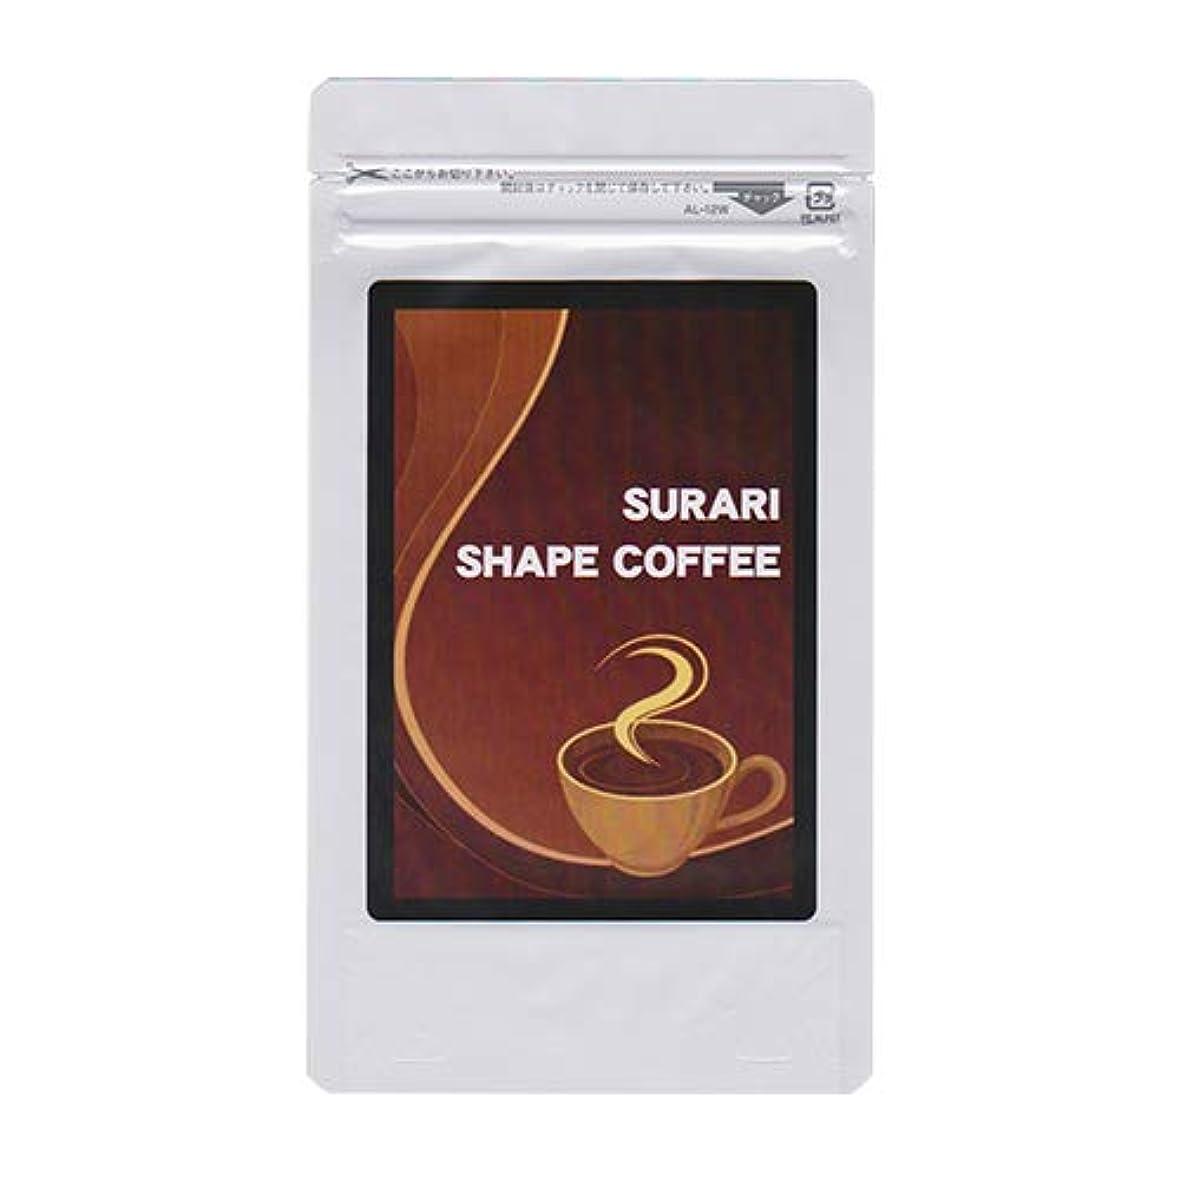 混合した暫定の実質的SURARI SHAPE COFFEE スラリシェイプコーヒー ダイエットコーヒー